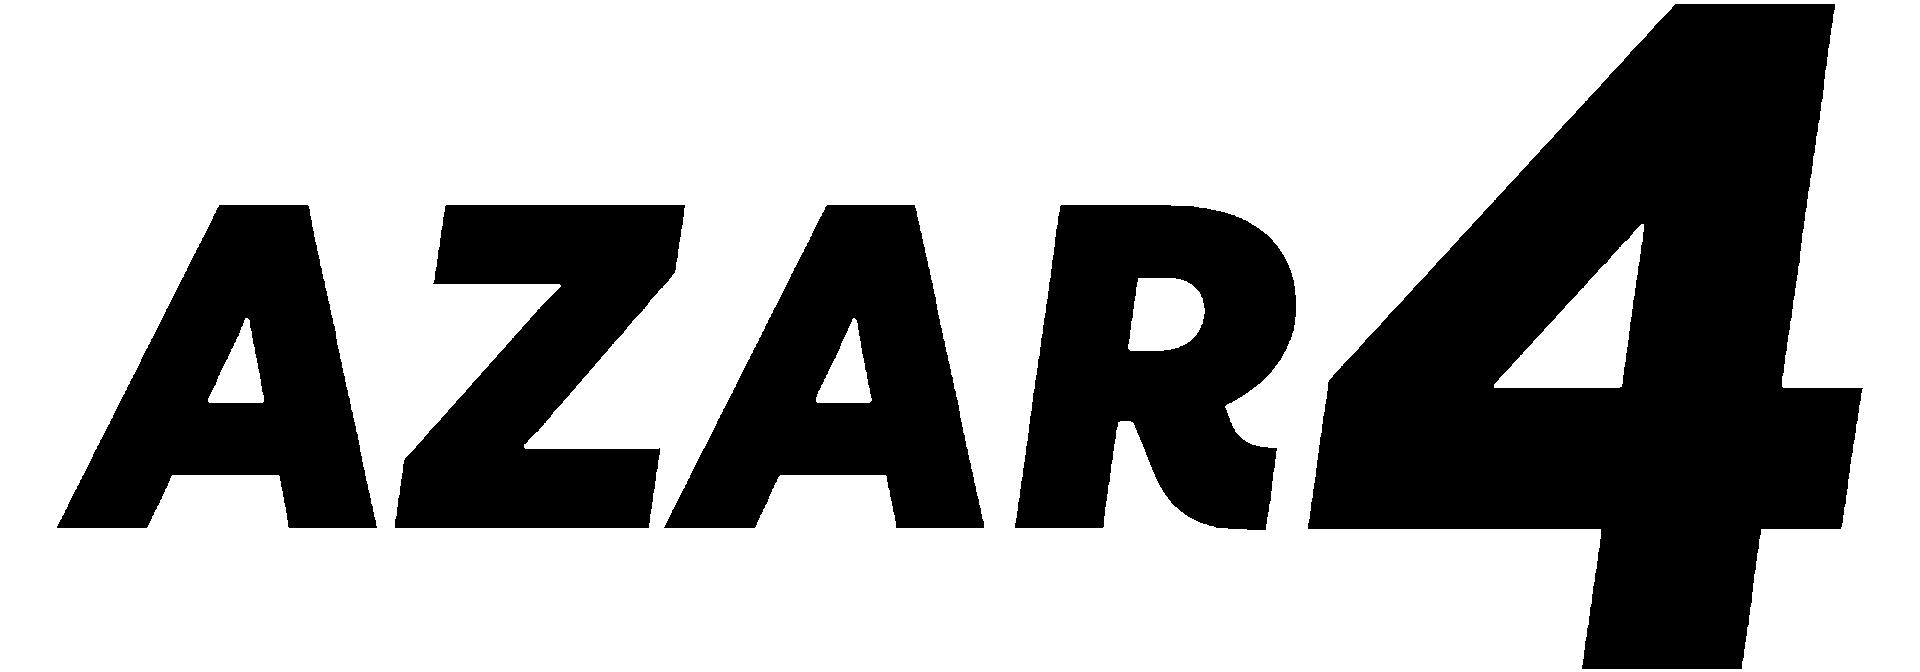 AZAR4 - Entwicklung eines Camper für 4x4 Pickup - azar background - azar4